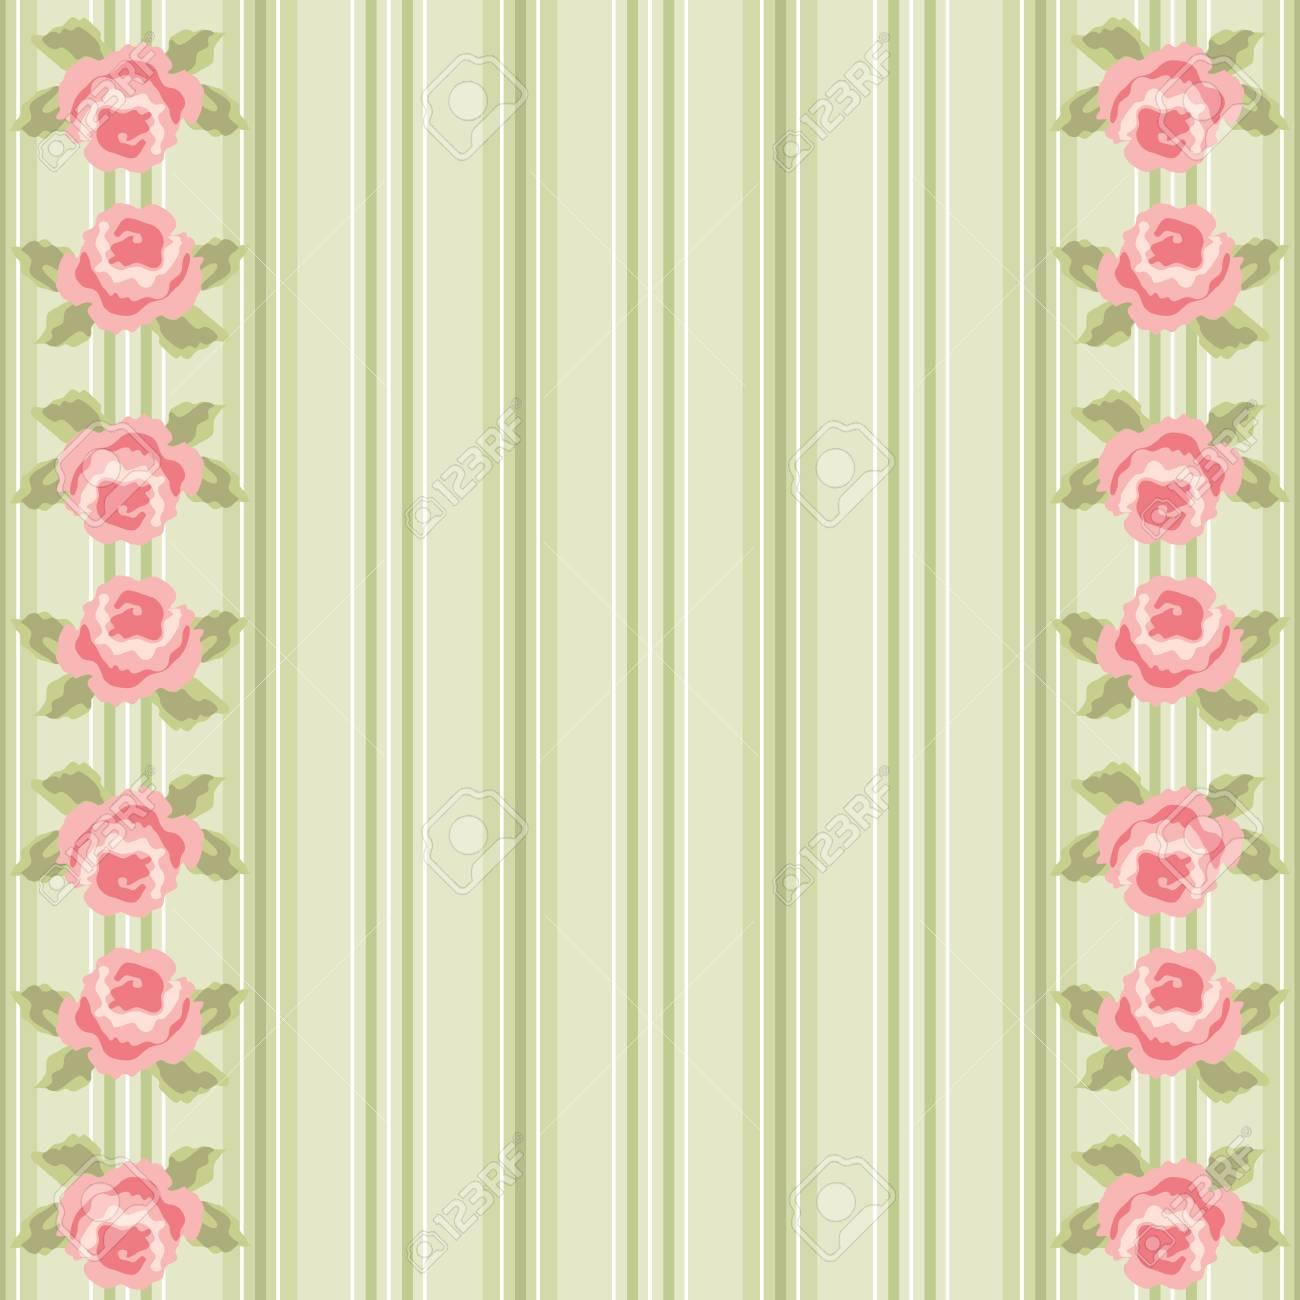 Blumenschattenbild Des Netten Vintagen Shabby Chic Für Ihre ...